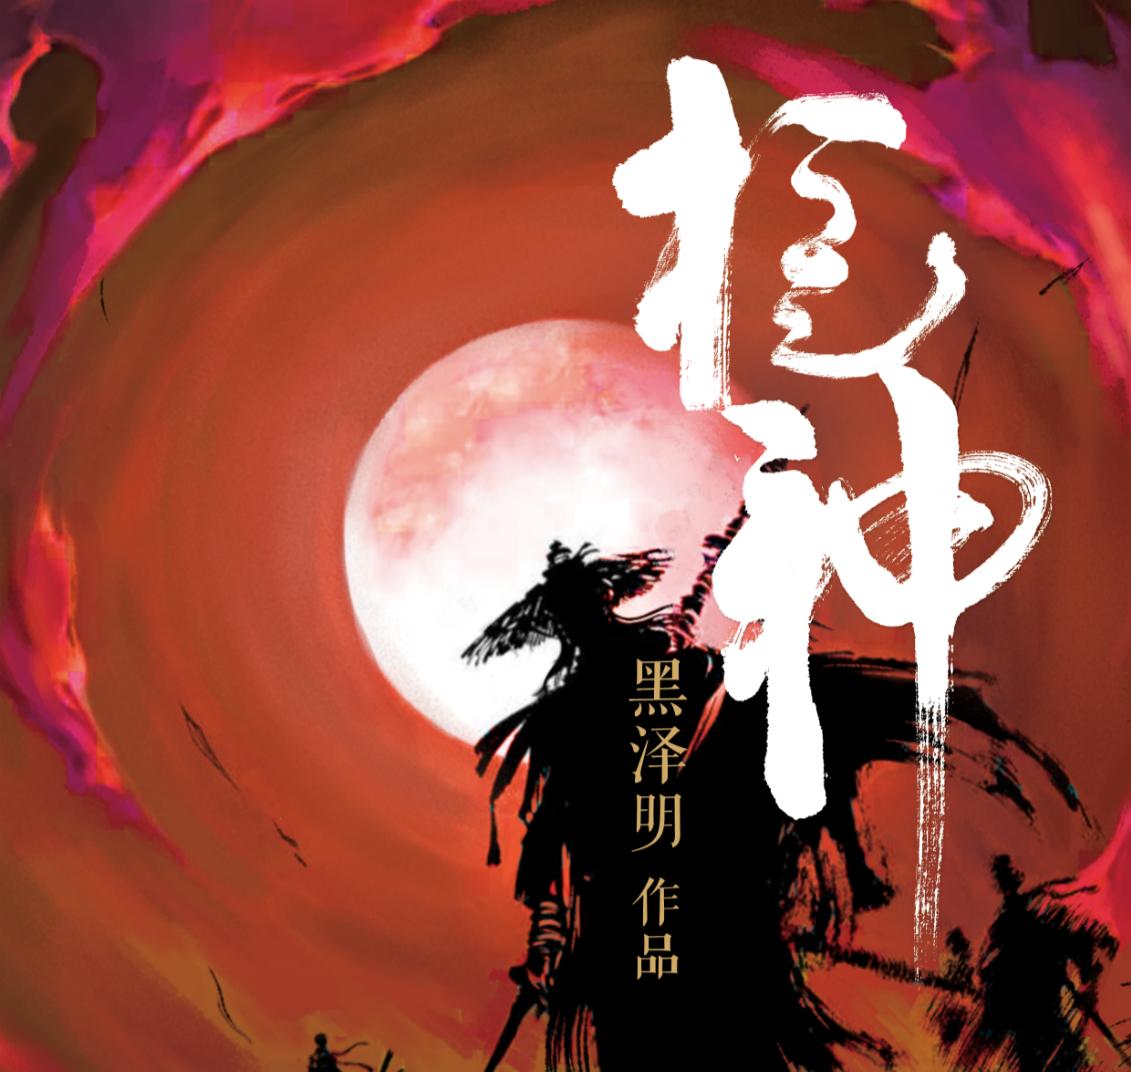 戛纳报道 |中国神秘公司拿下黑泽明《枪神》改编权,日本IP会成为下一个风口吗?